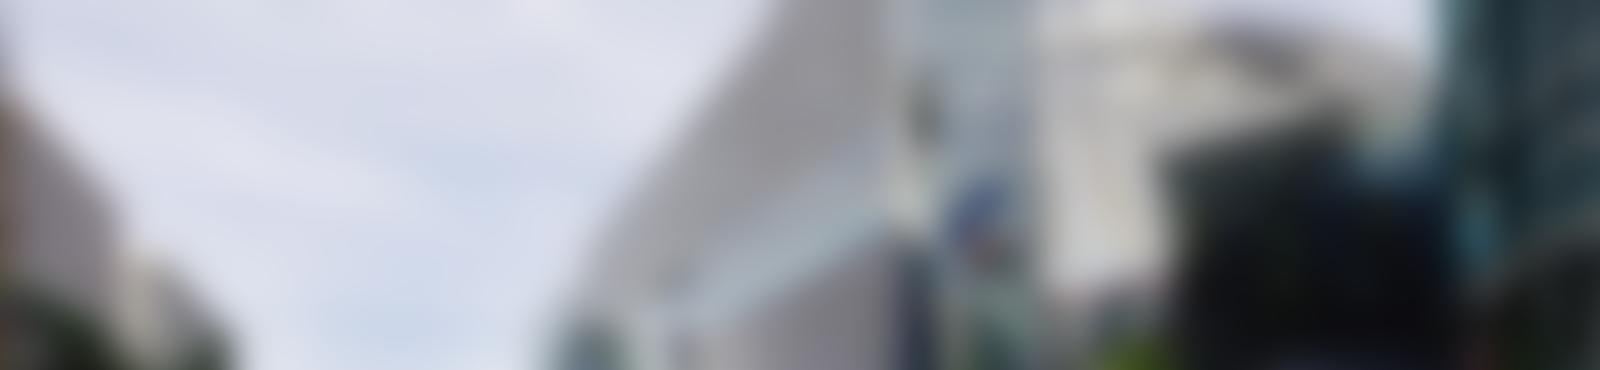 Blurred fdae3aec 65f0 4d9f bf7c f2b0b24b47c6